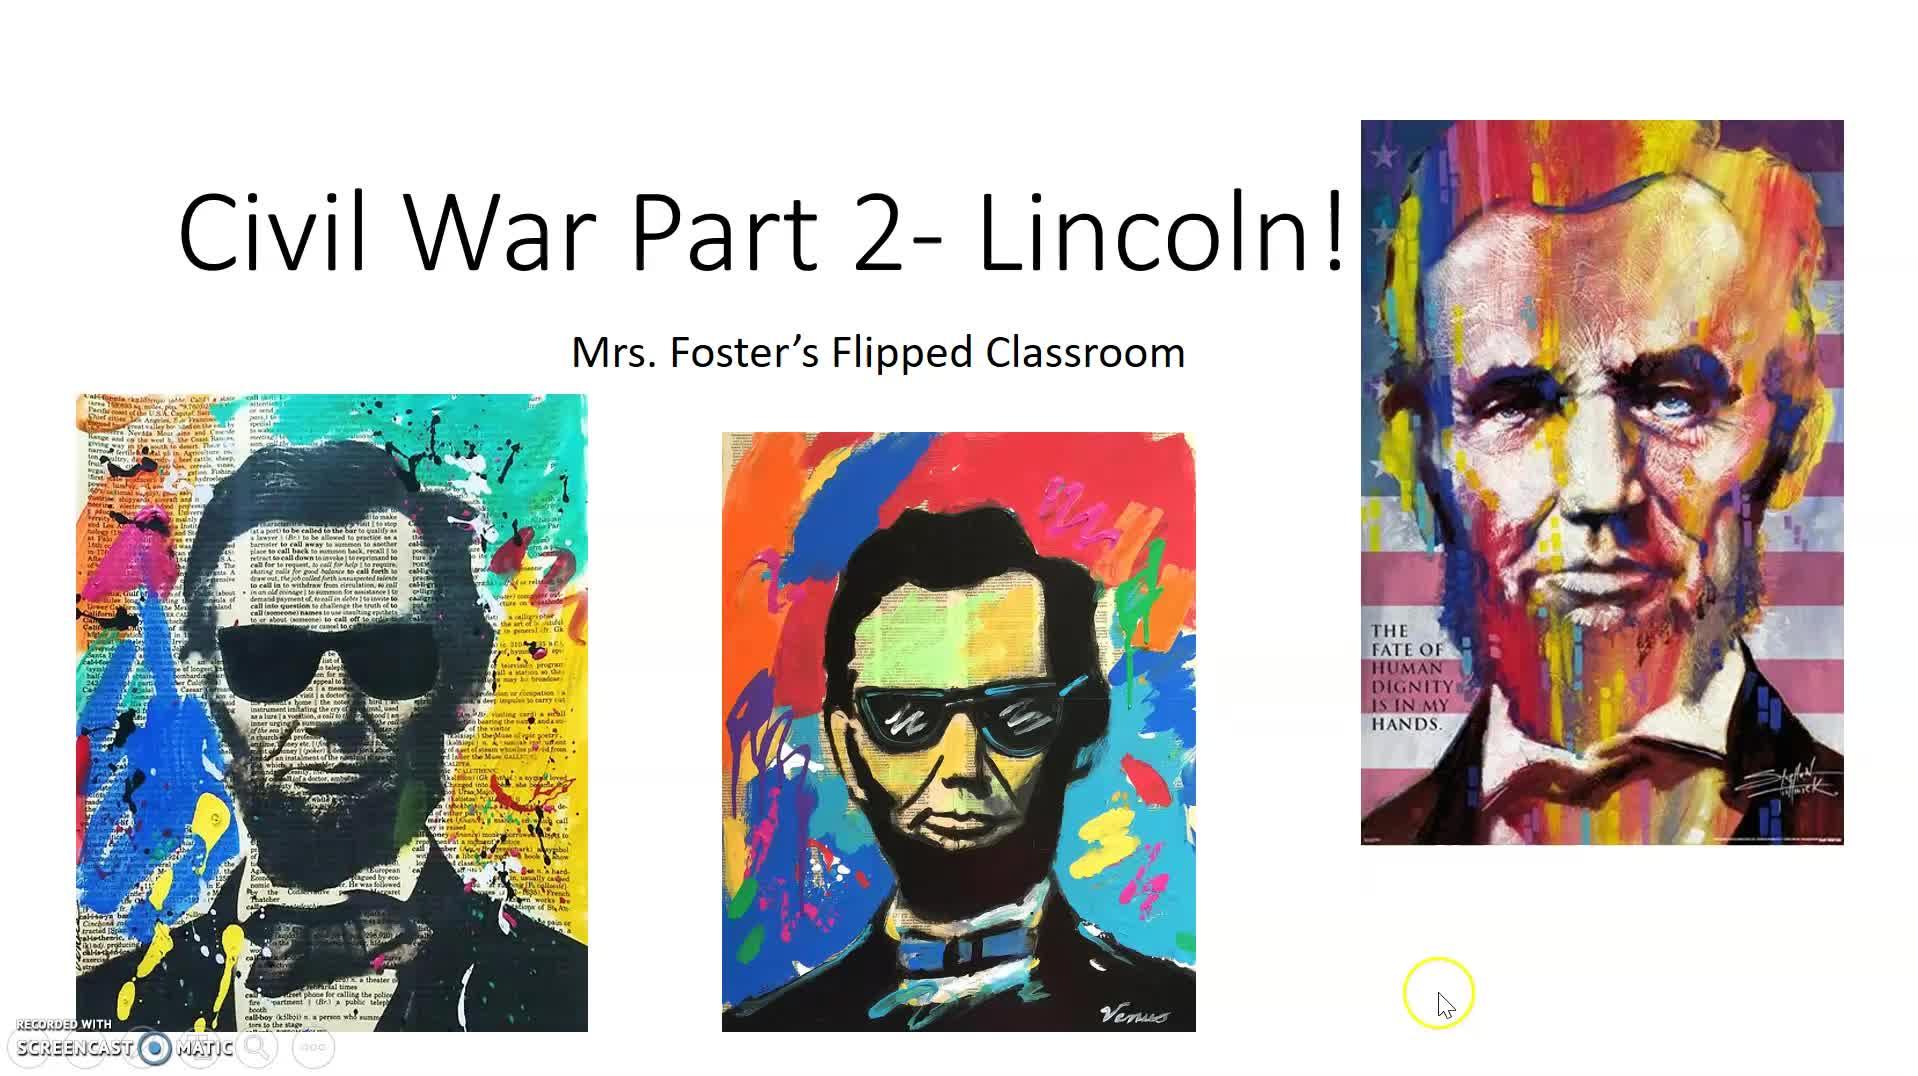 Civil War part 2 Lincoln